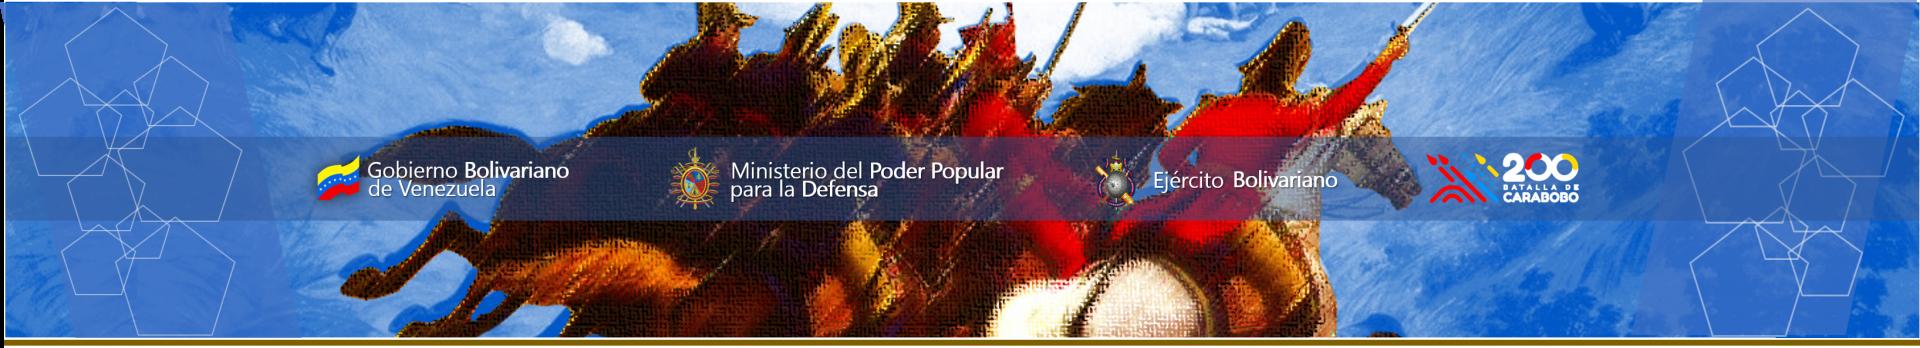 Sitio Oficial del Ejército Bolivariano de Venezuela